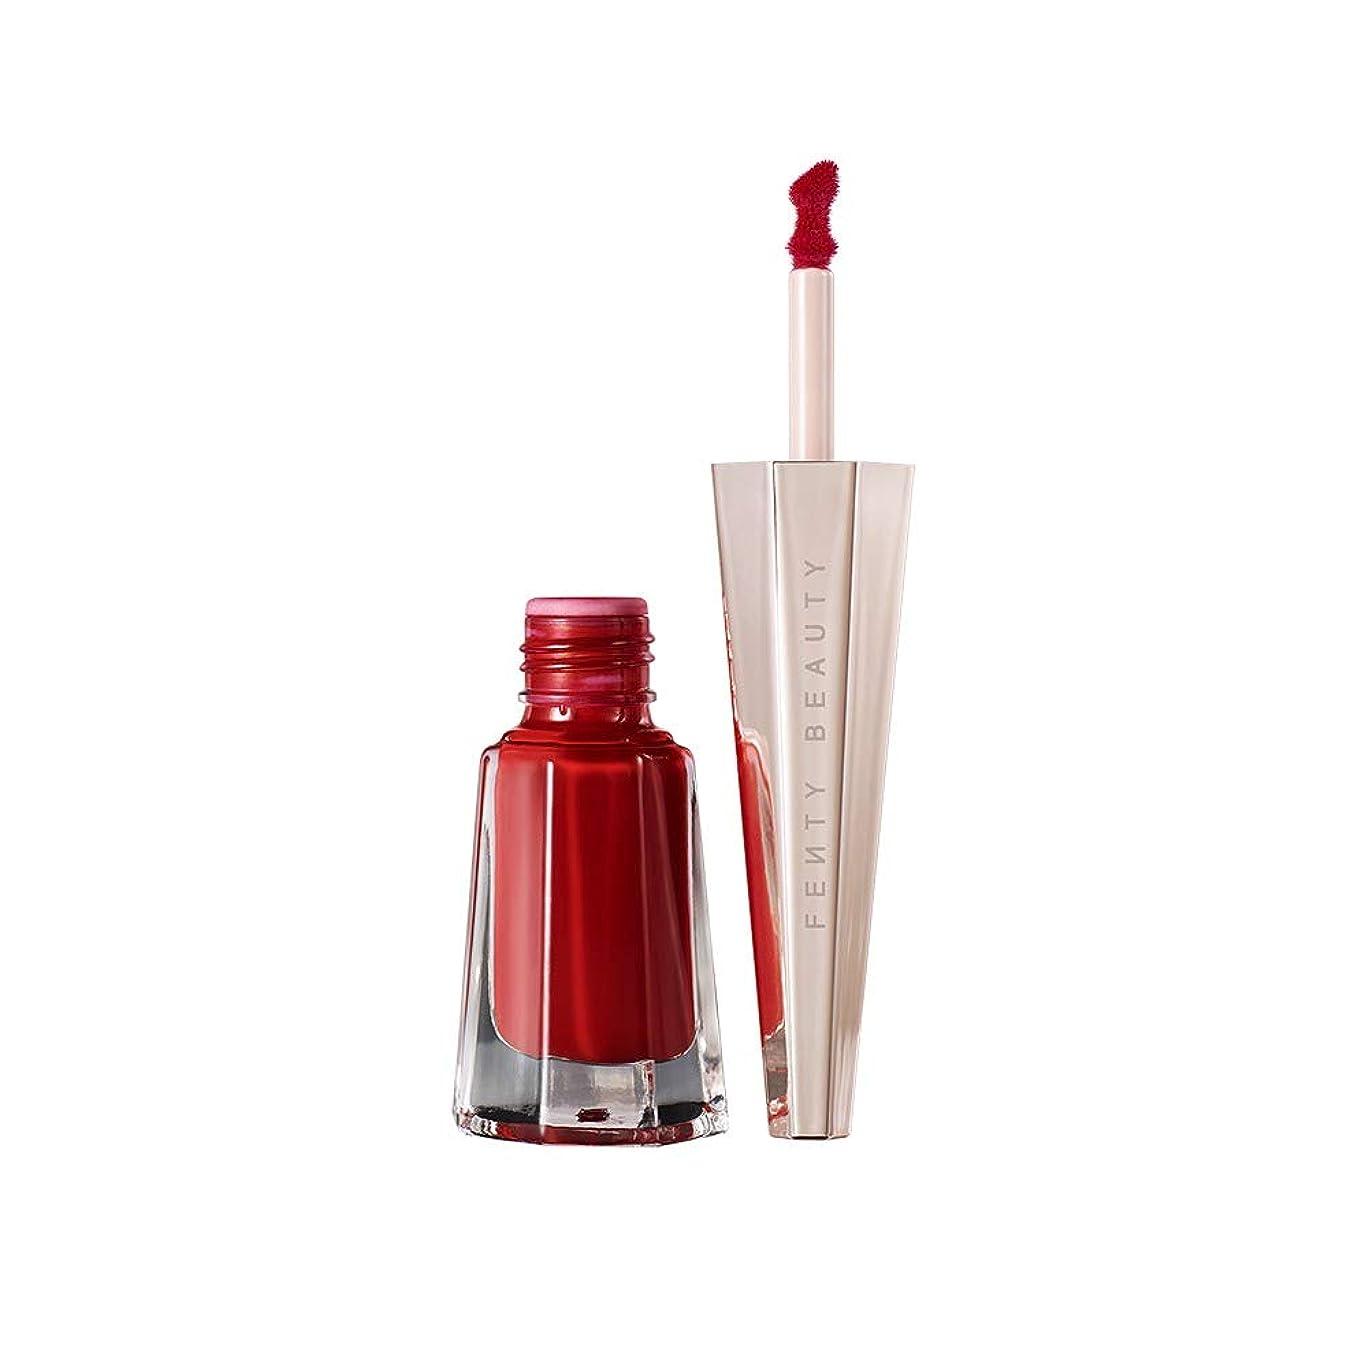 ホールドオール癌フラグラント【並行輸入品】FENTY BEAUTY BY RIHANNA Stunna Lip Paint Longwear Fluid Lip Color Uncensored - perfect universal red